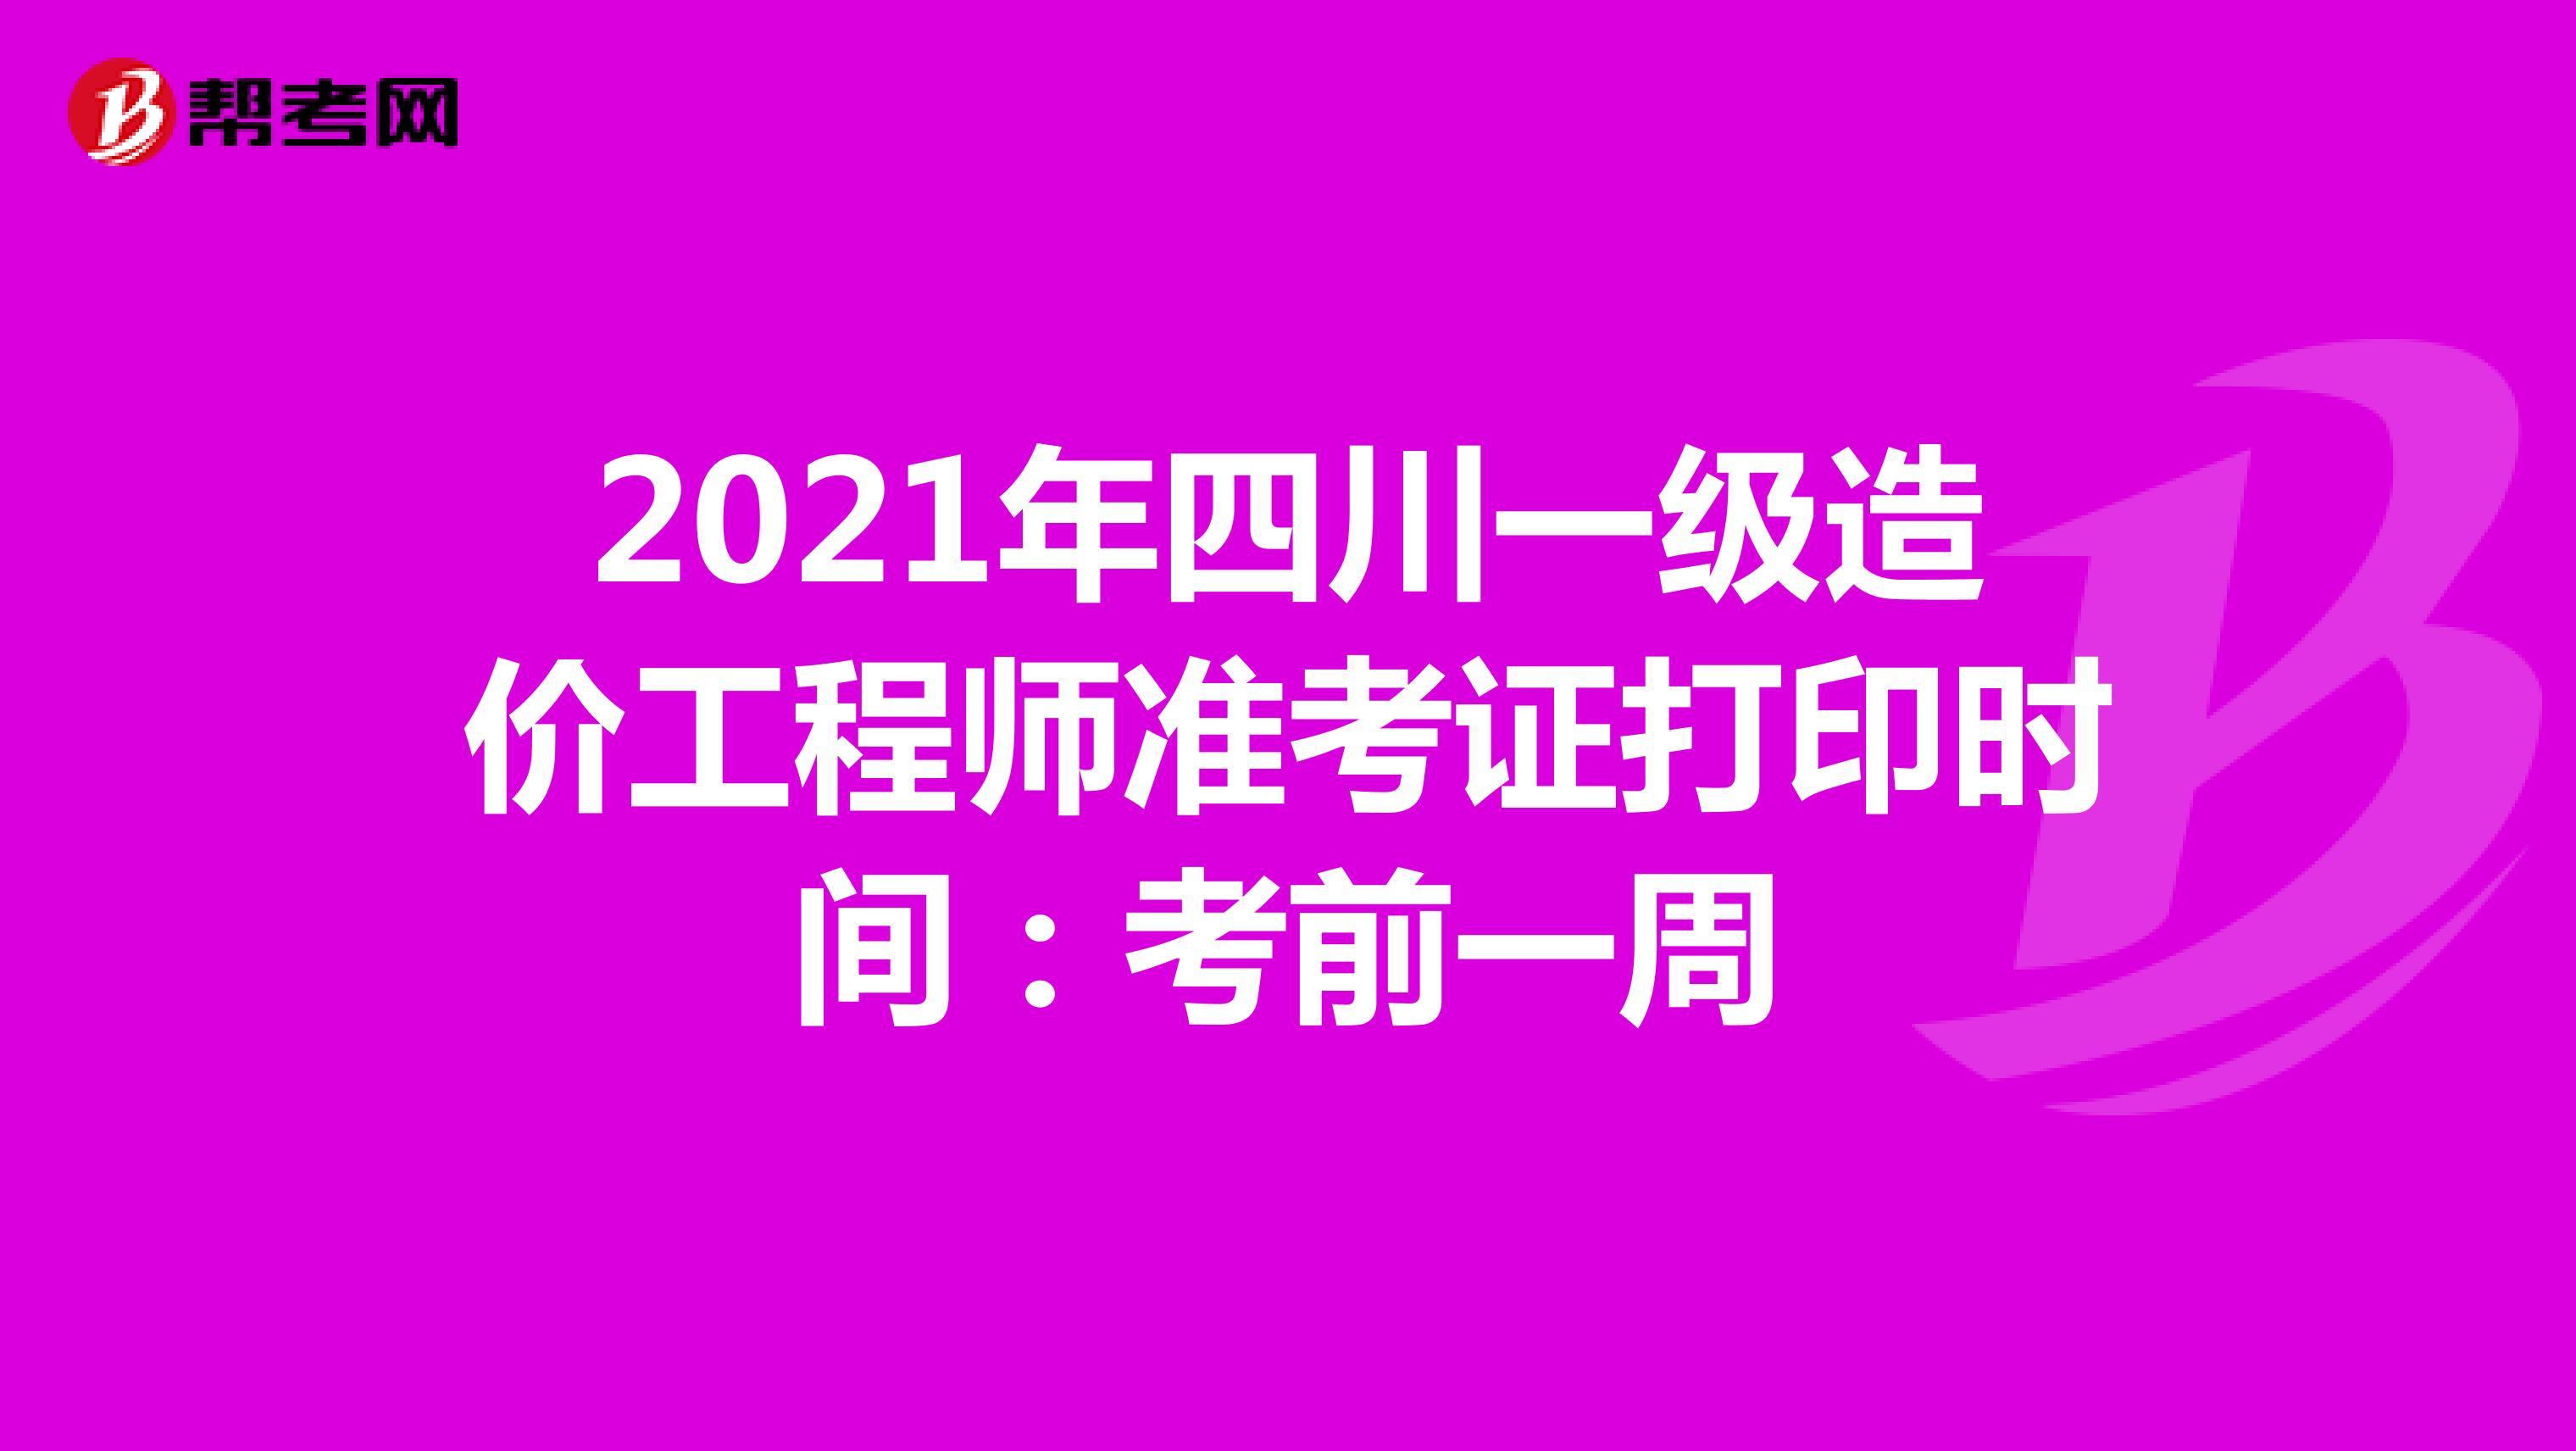 2021年四川一级造价工程师准考证打印时间:考前一周